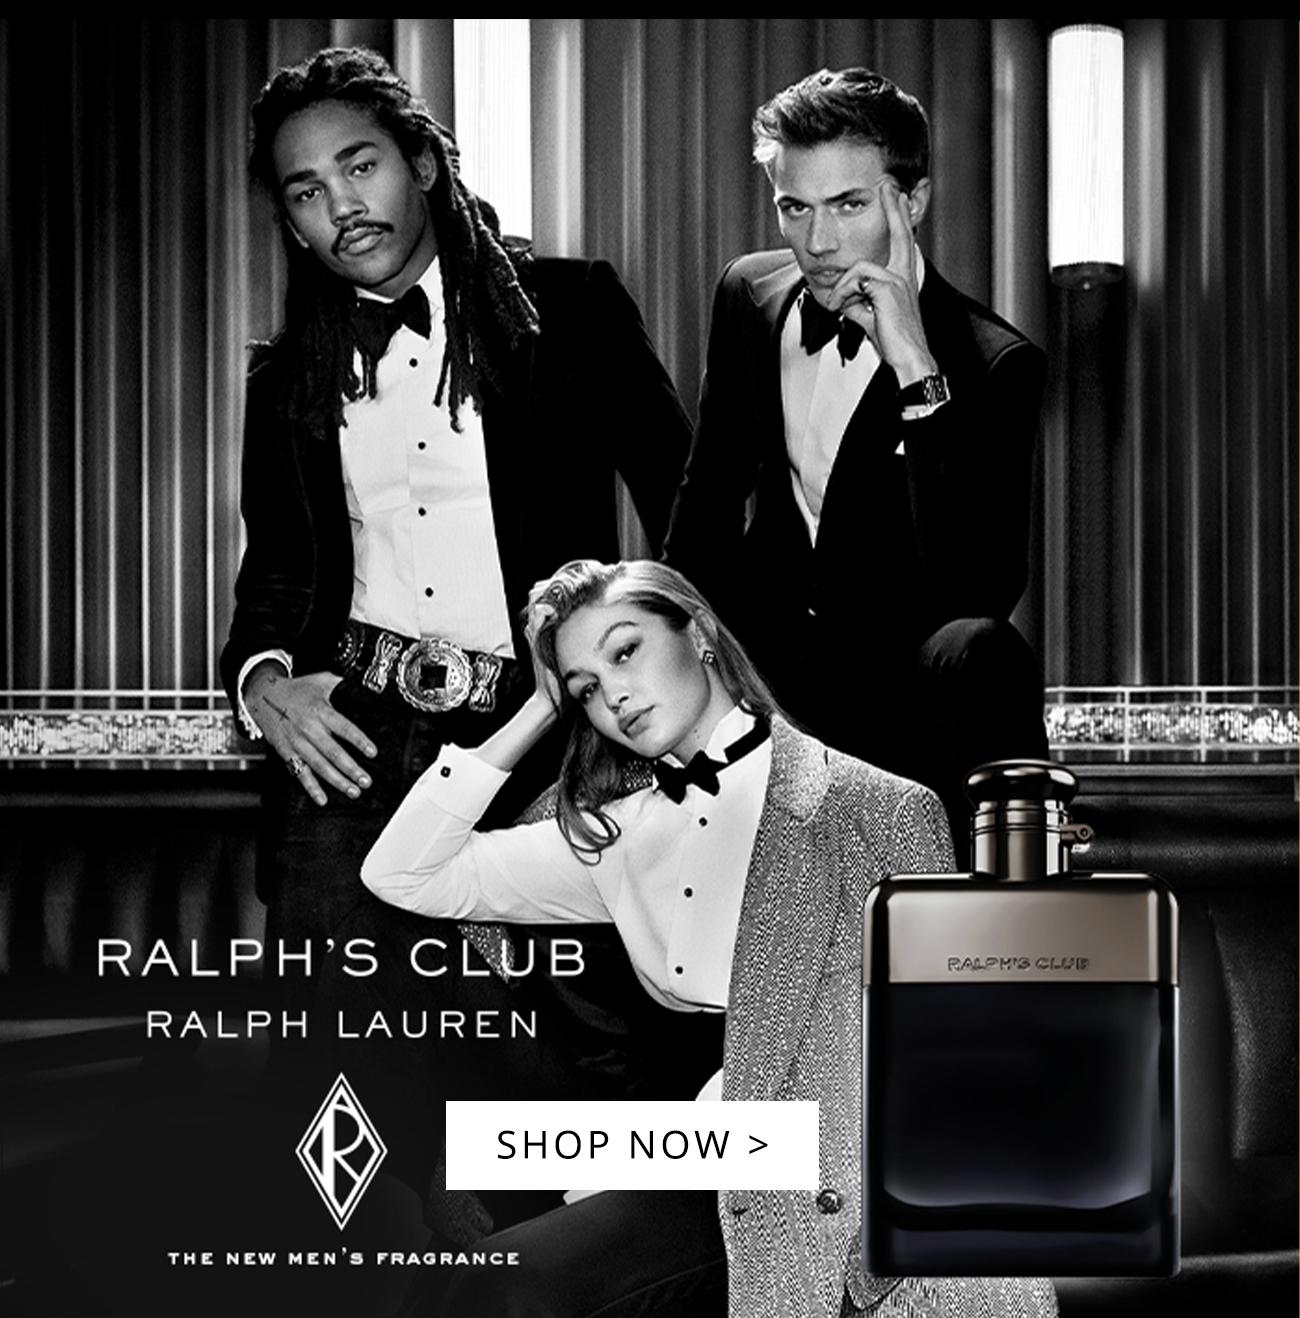 Ralph Lauren - Ralphs Club